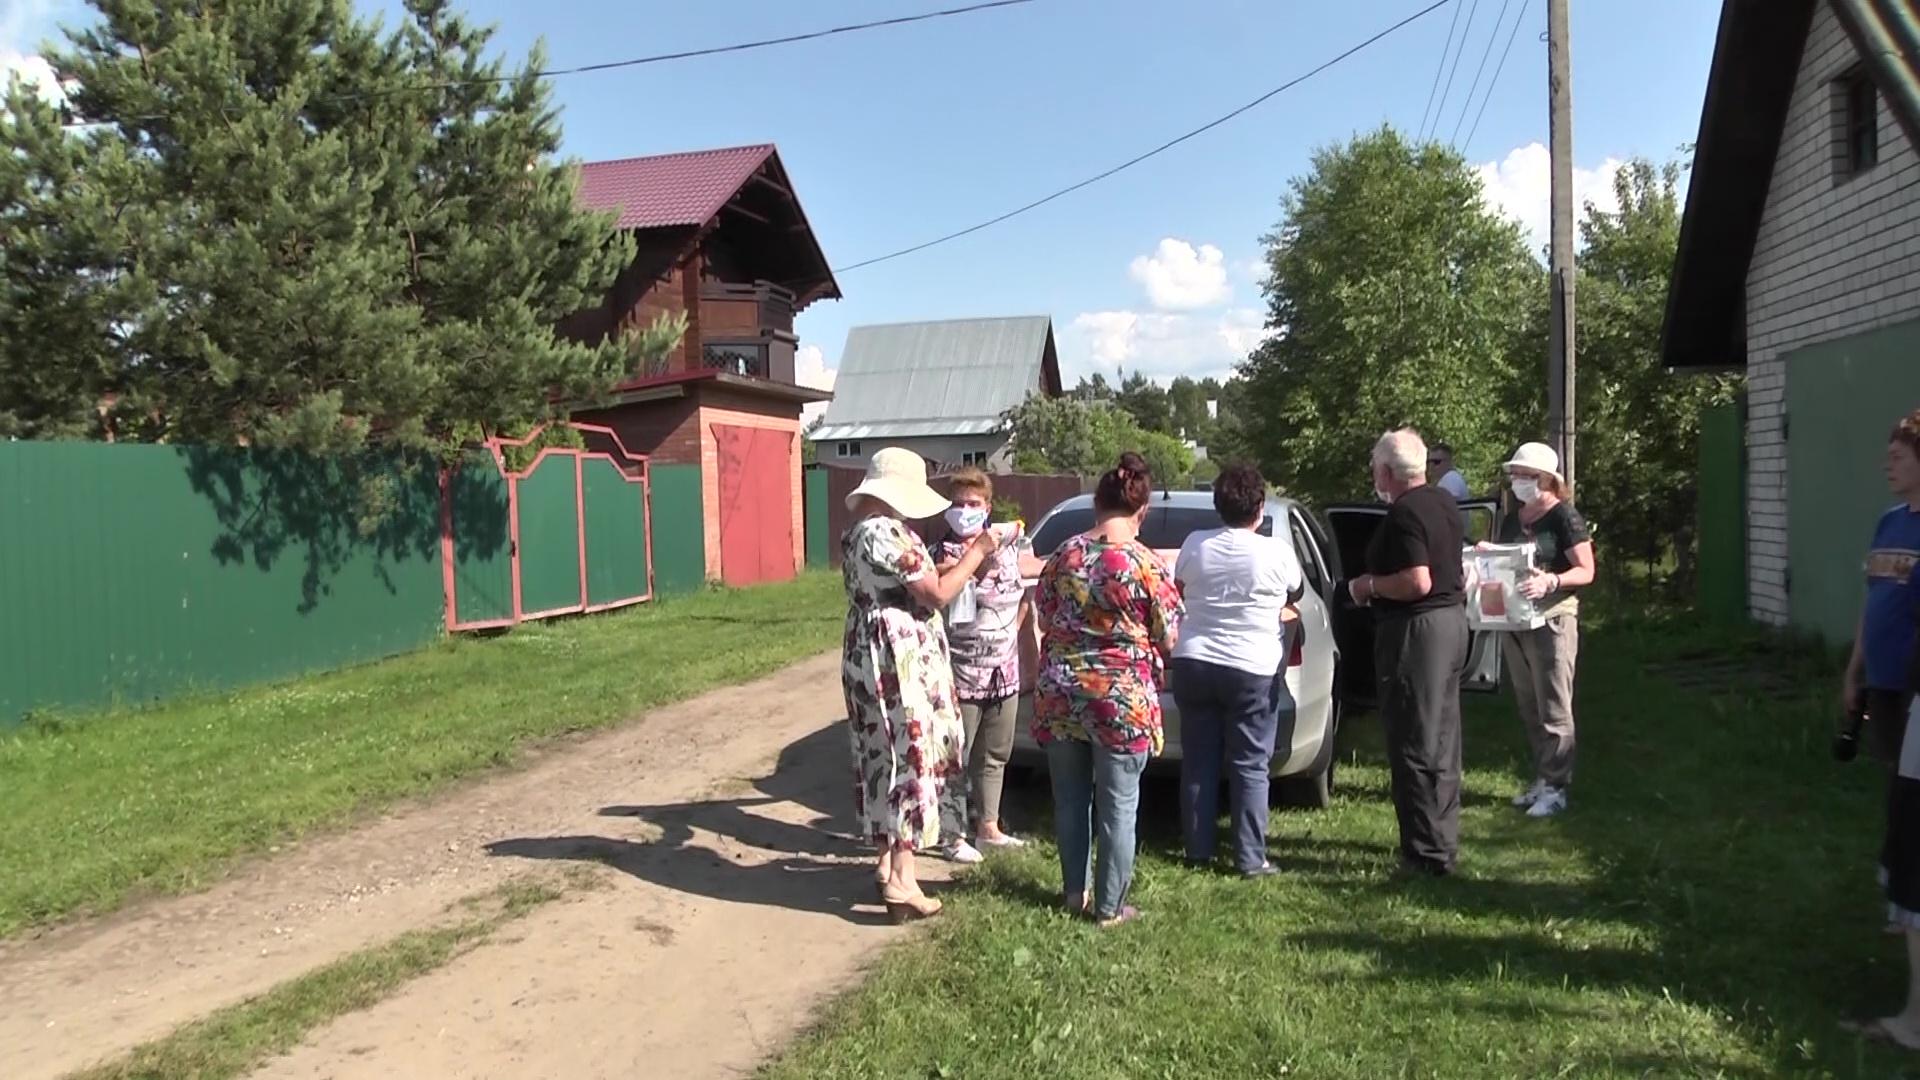 Жители Ярославской области выражают гражданскую позицию прямо рядом со своими домами